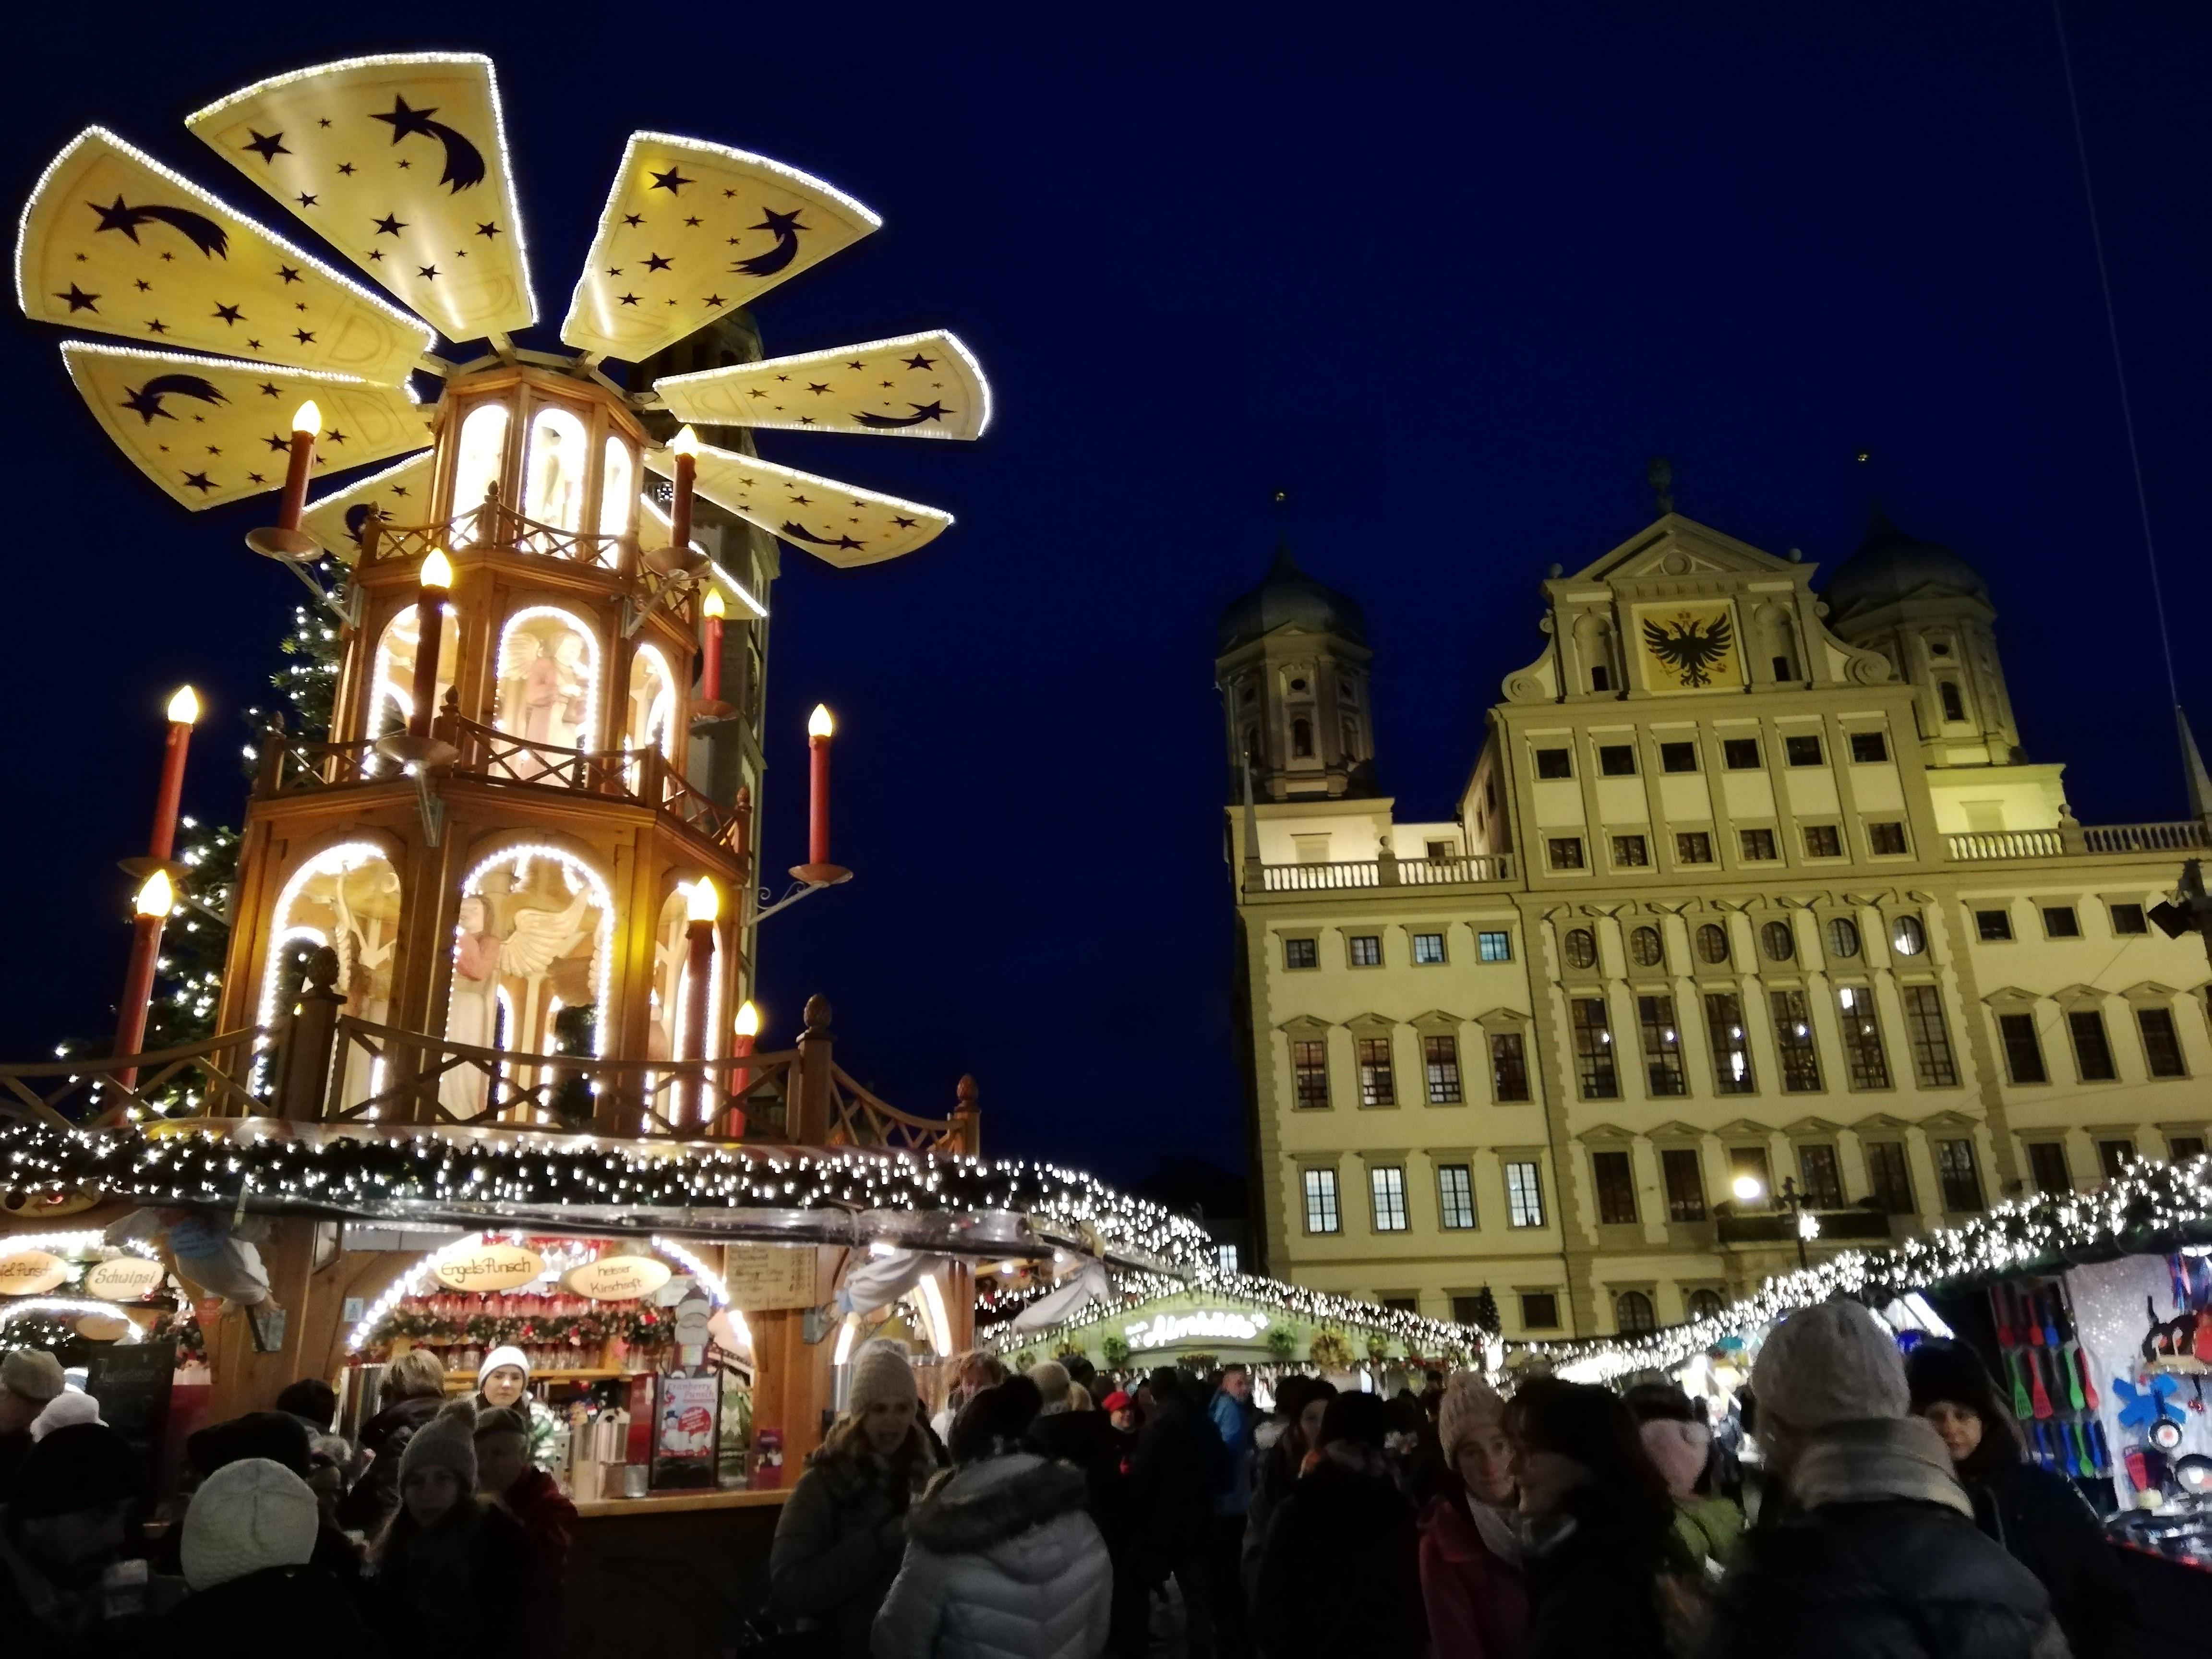 Weihnachtsmarkt Augsburg 2019